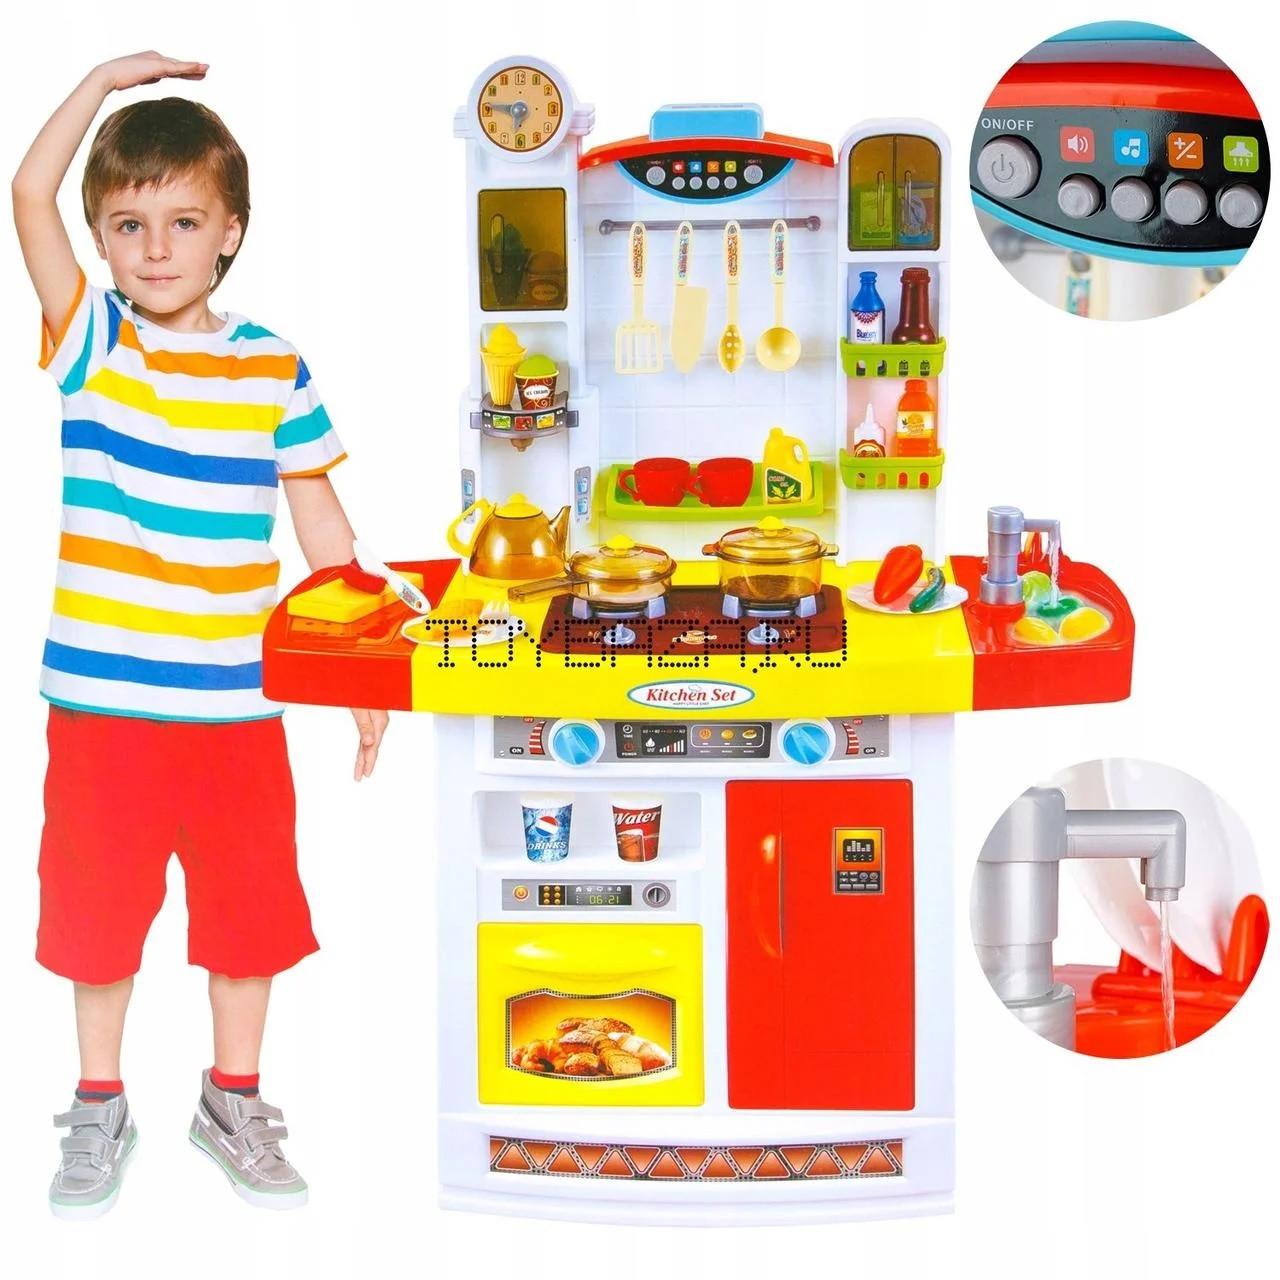 Кухня детская Люкс интерактивная с водой,30 мелодий,свет,вытяжка, цвет Вишня 95 см.Видео обзор.